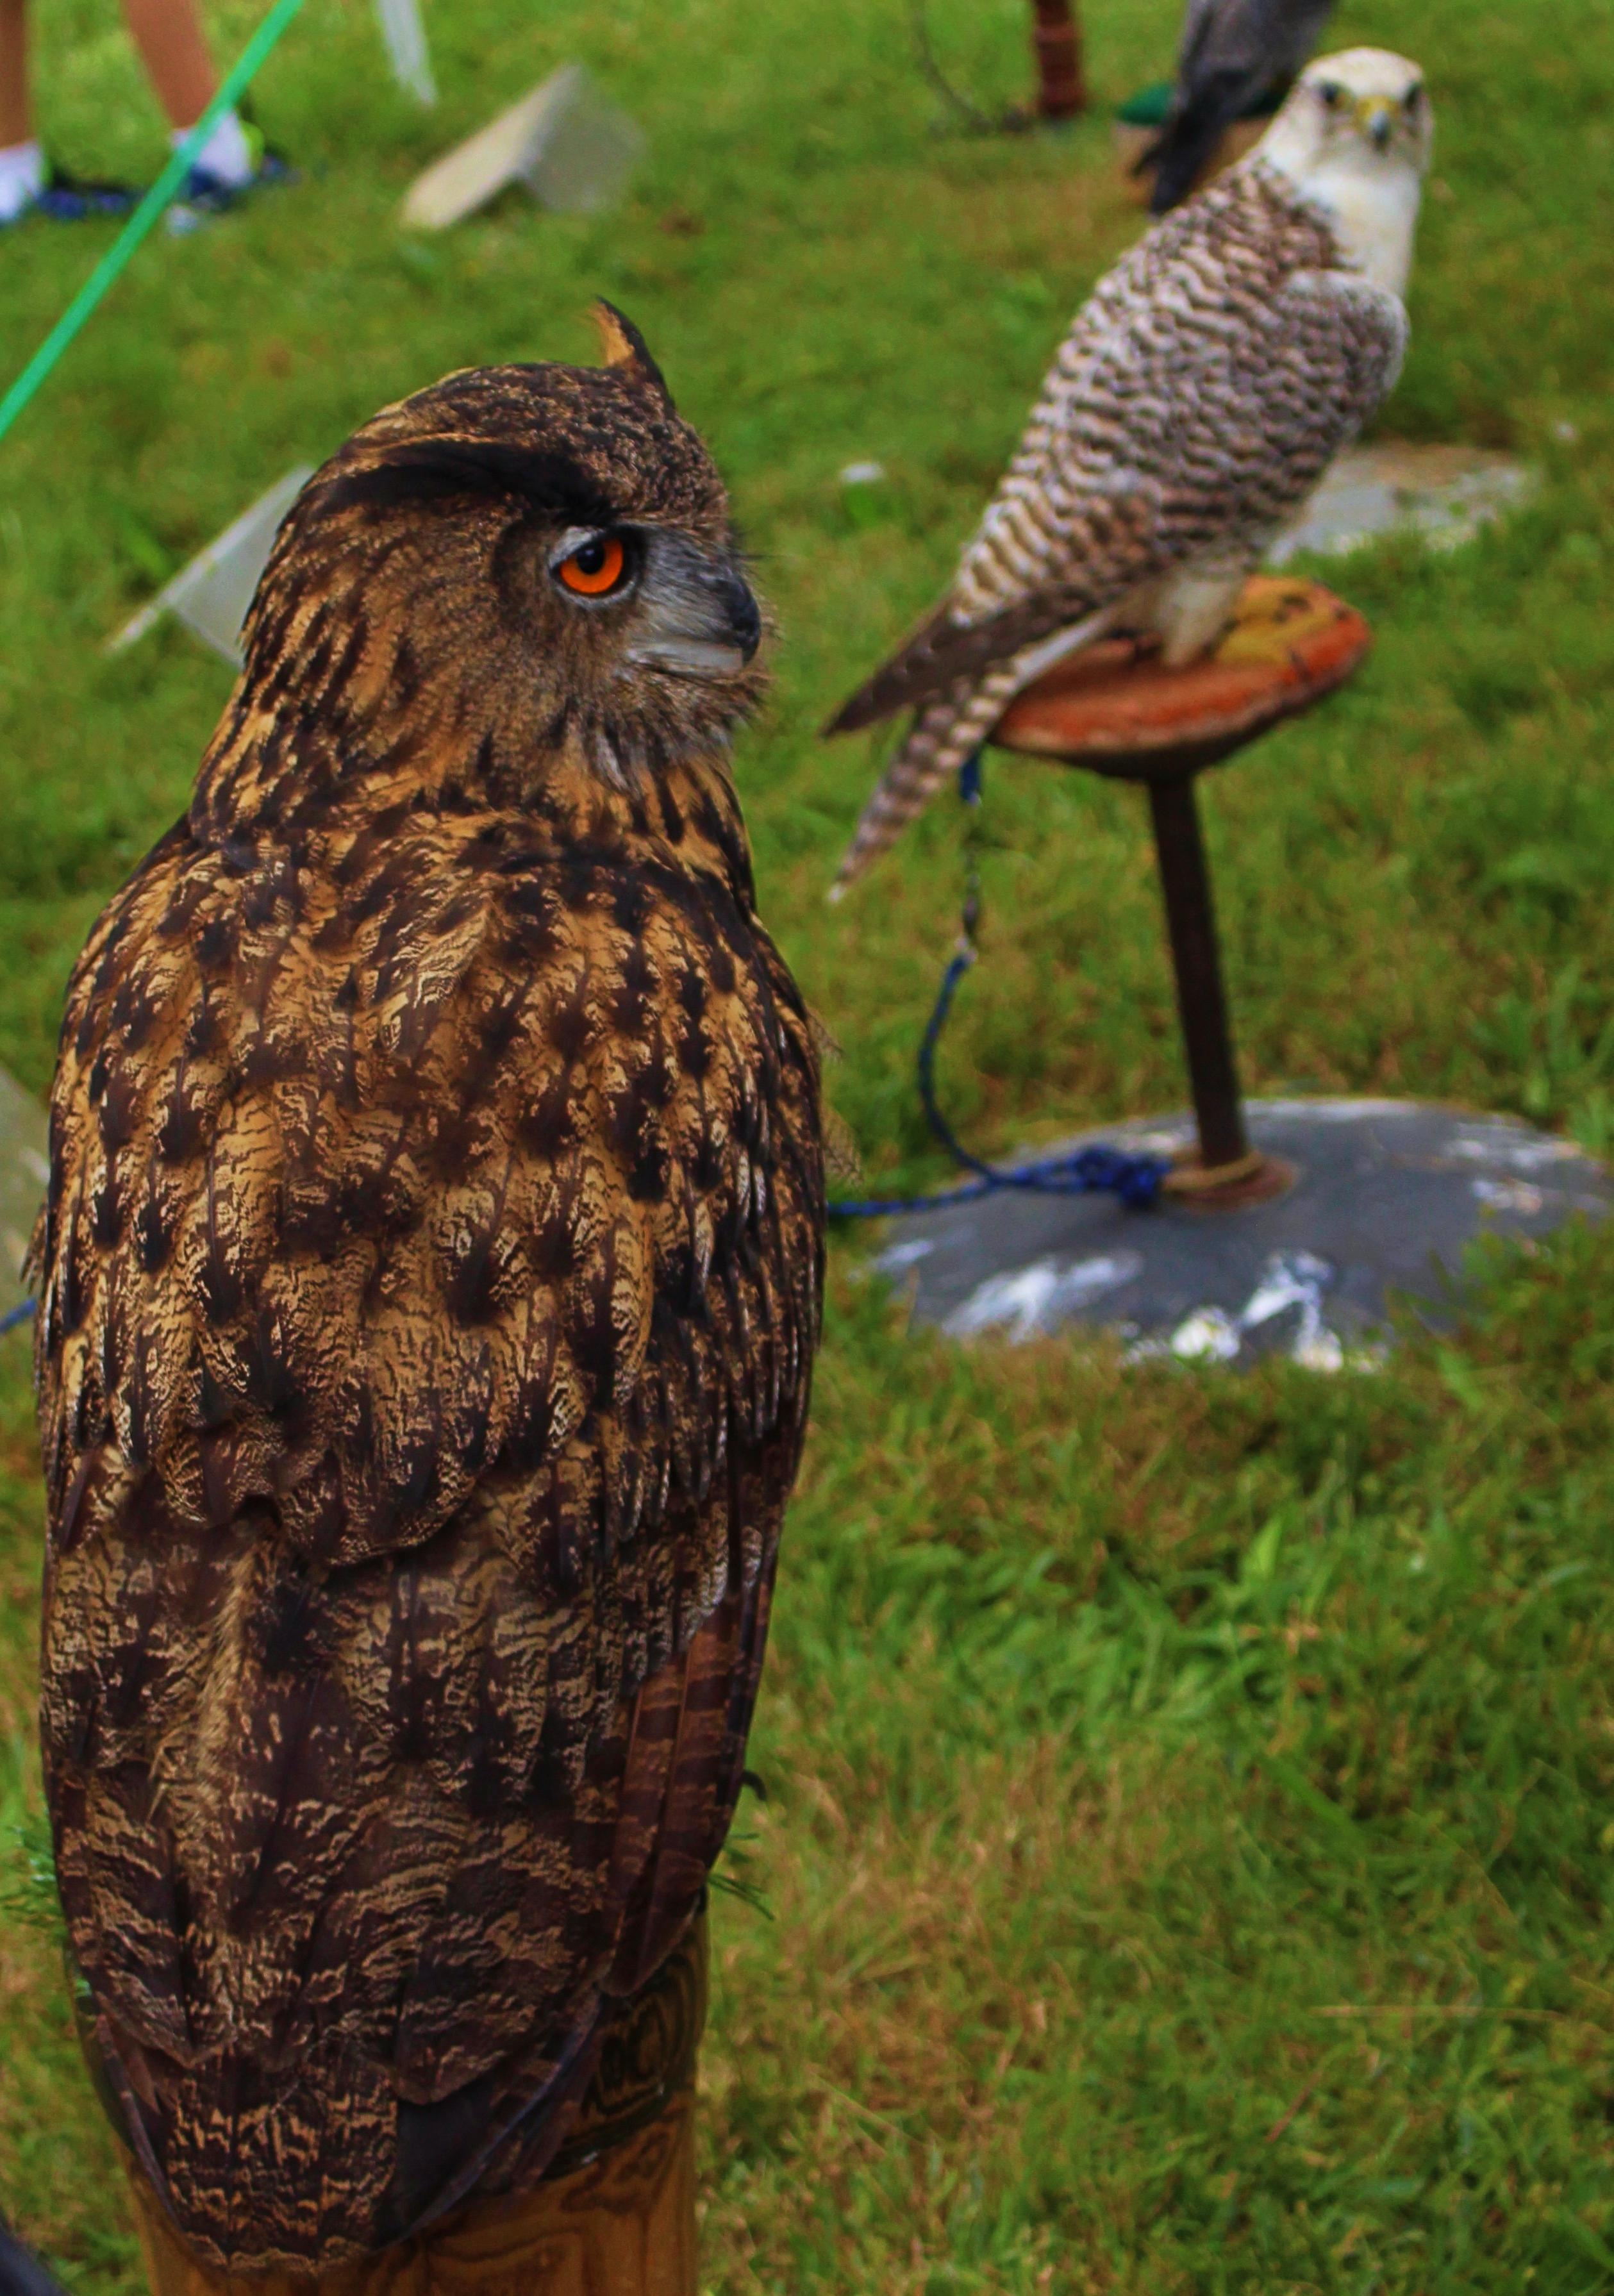 Athena's owl made an appearance/ H.Novak